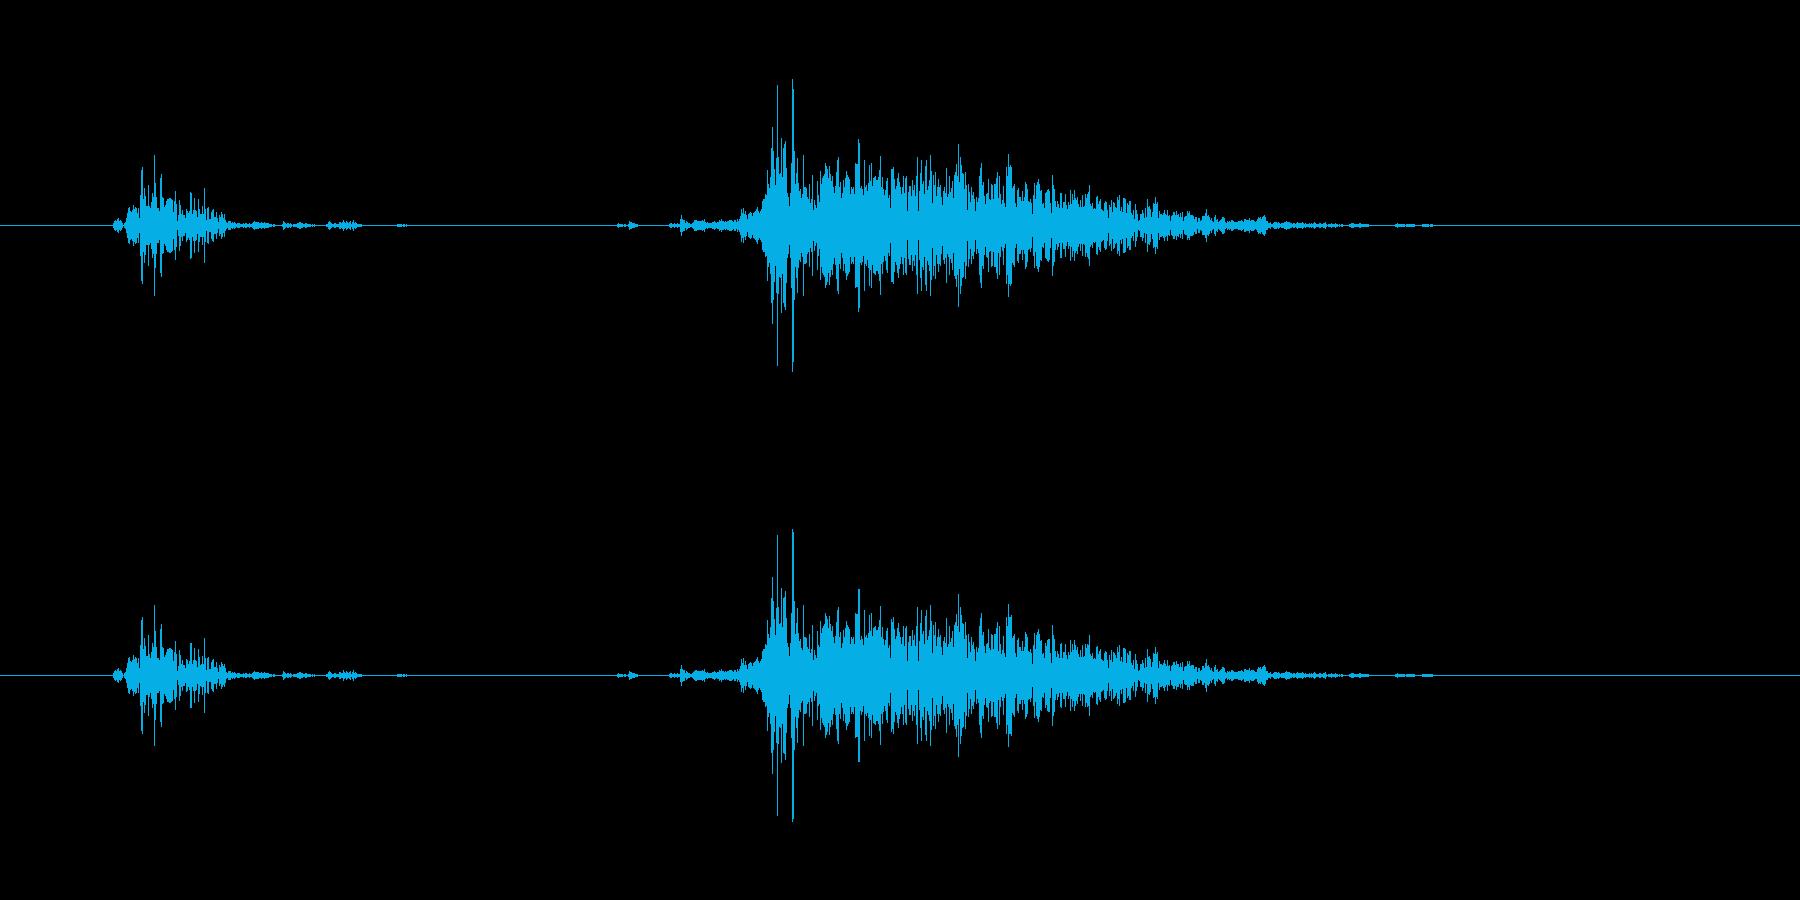 飲み込む音 (ゴクッ アー)の再生済みの波形